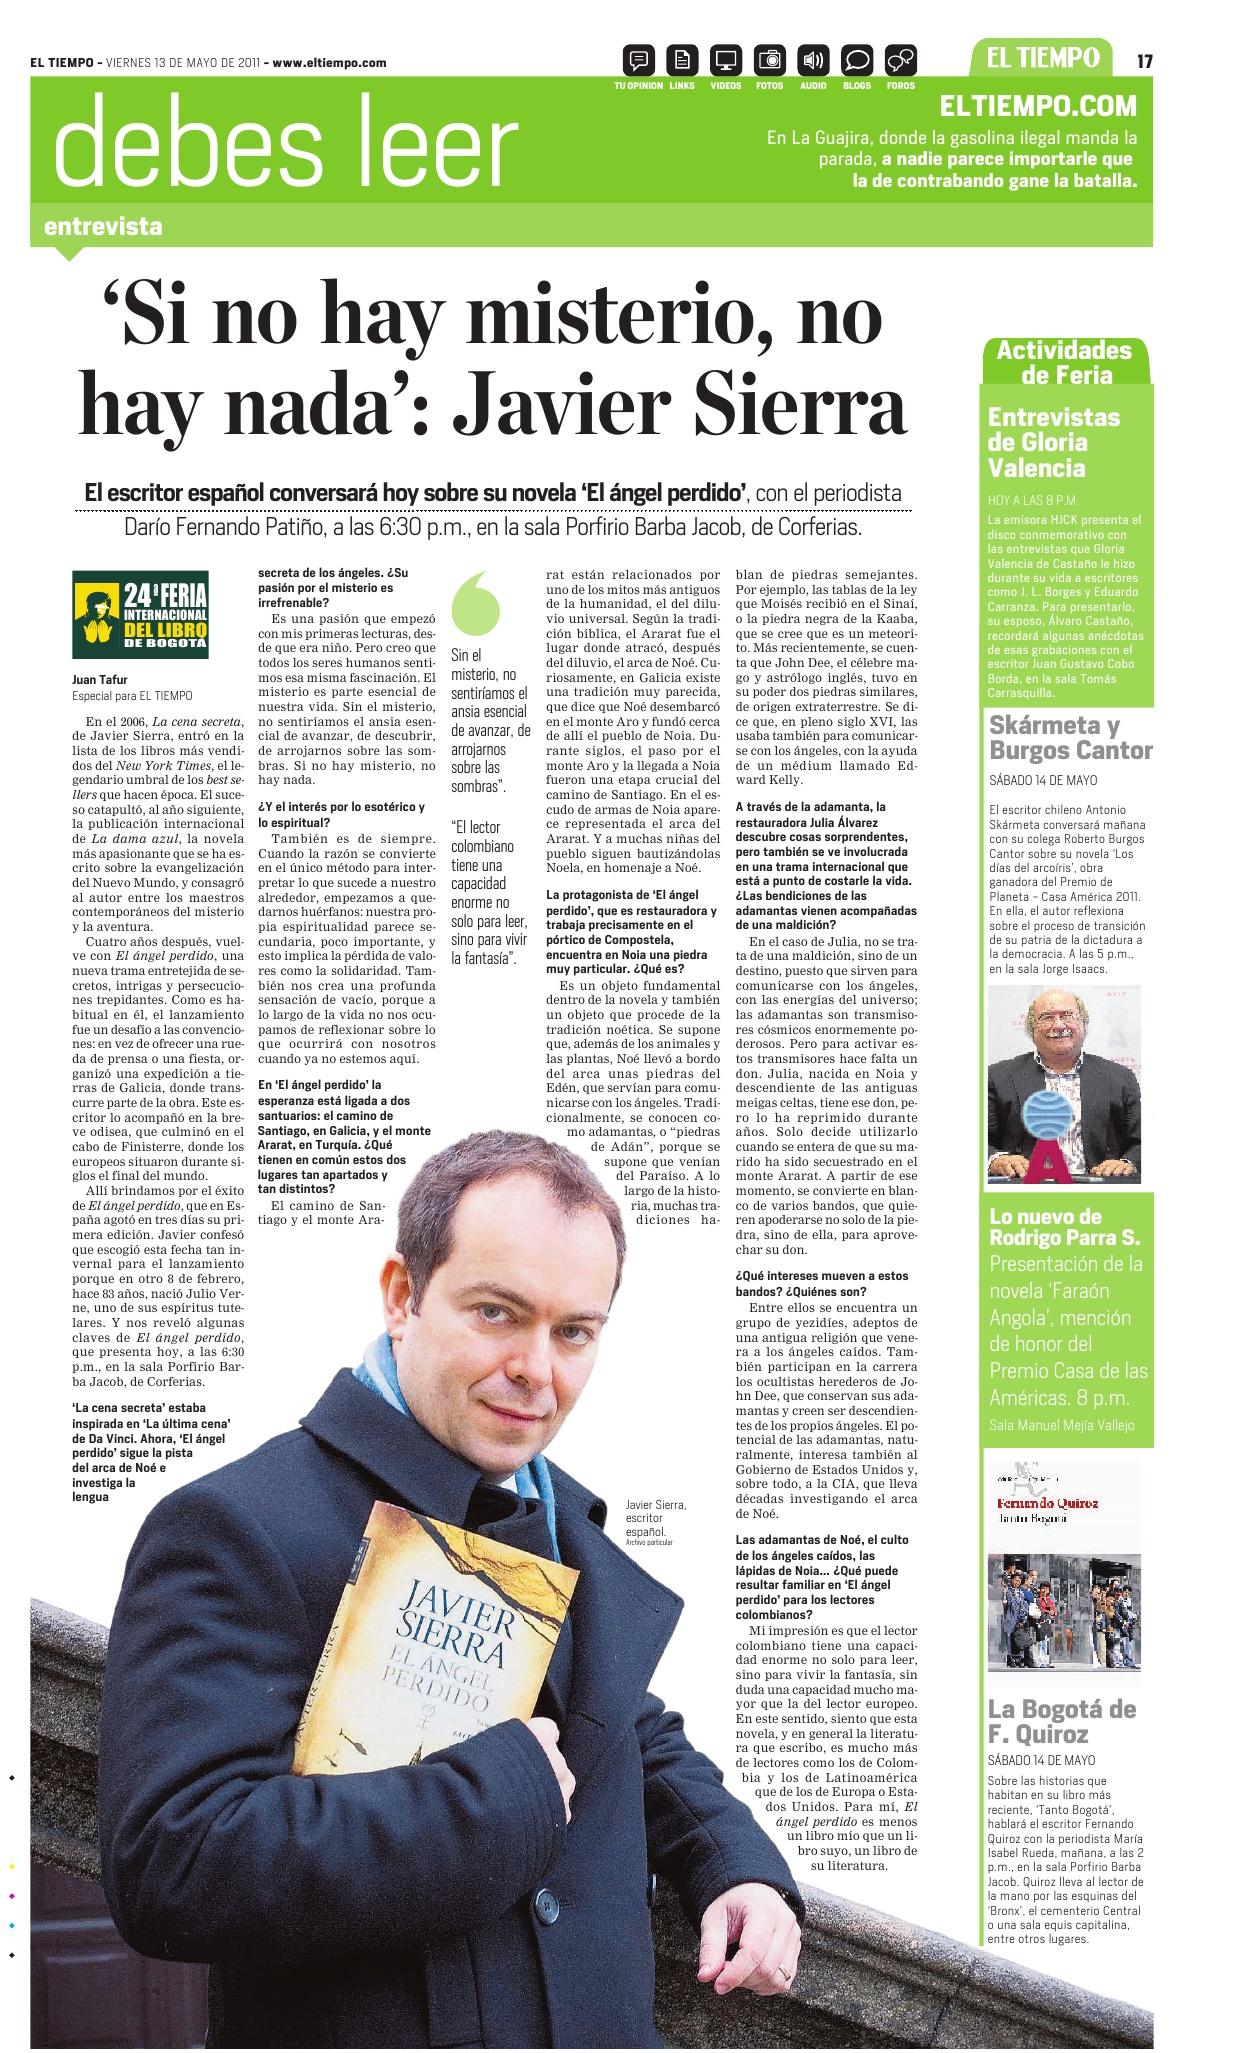 20110513 EL TIEMPO Si no hay misterio no hay nada [Colombia]